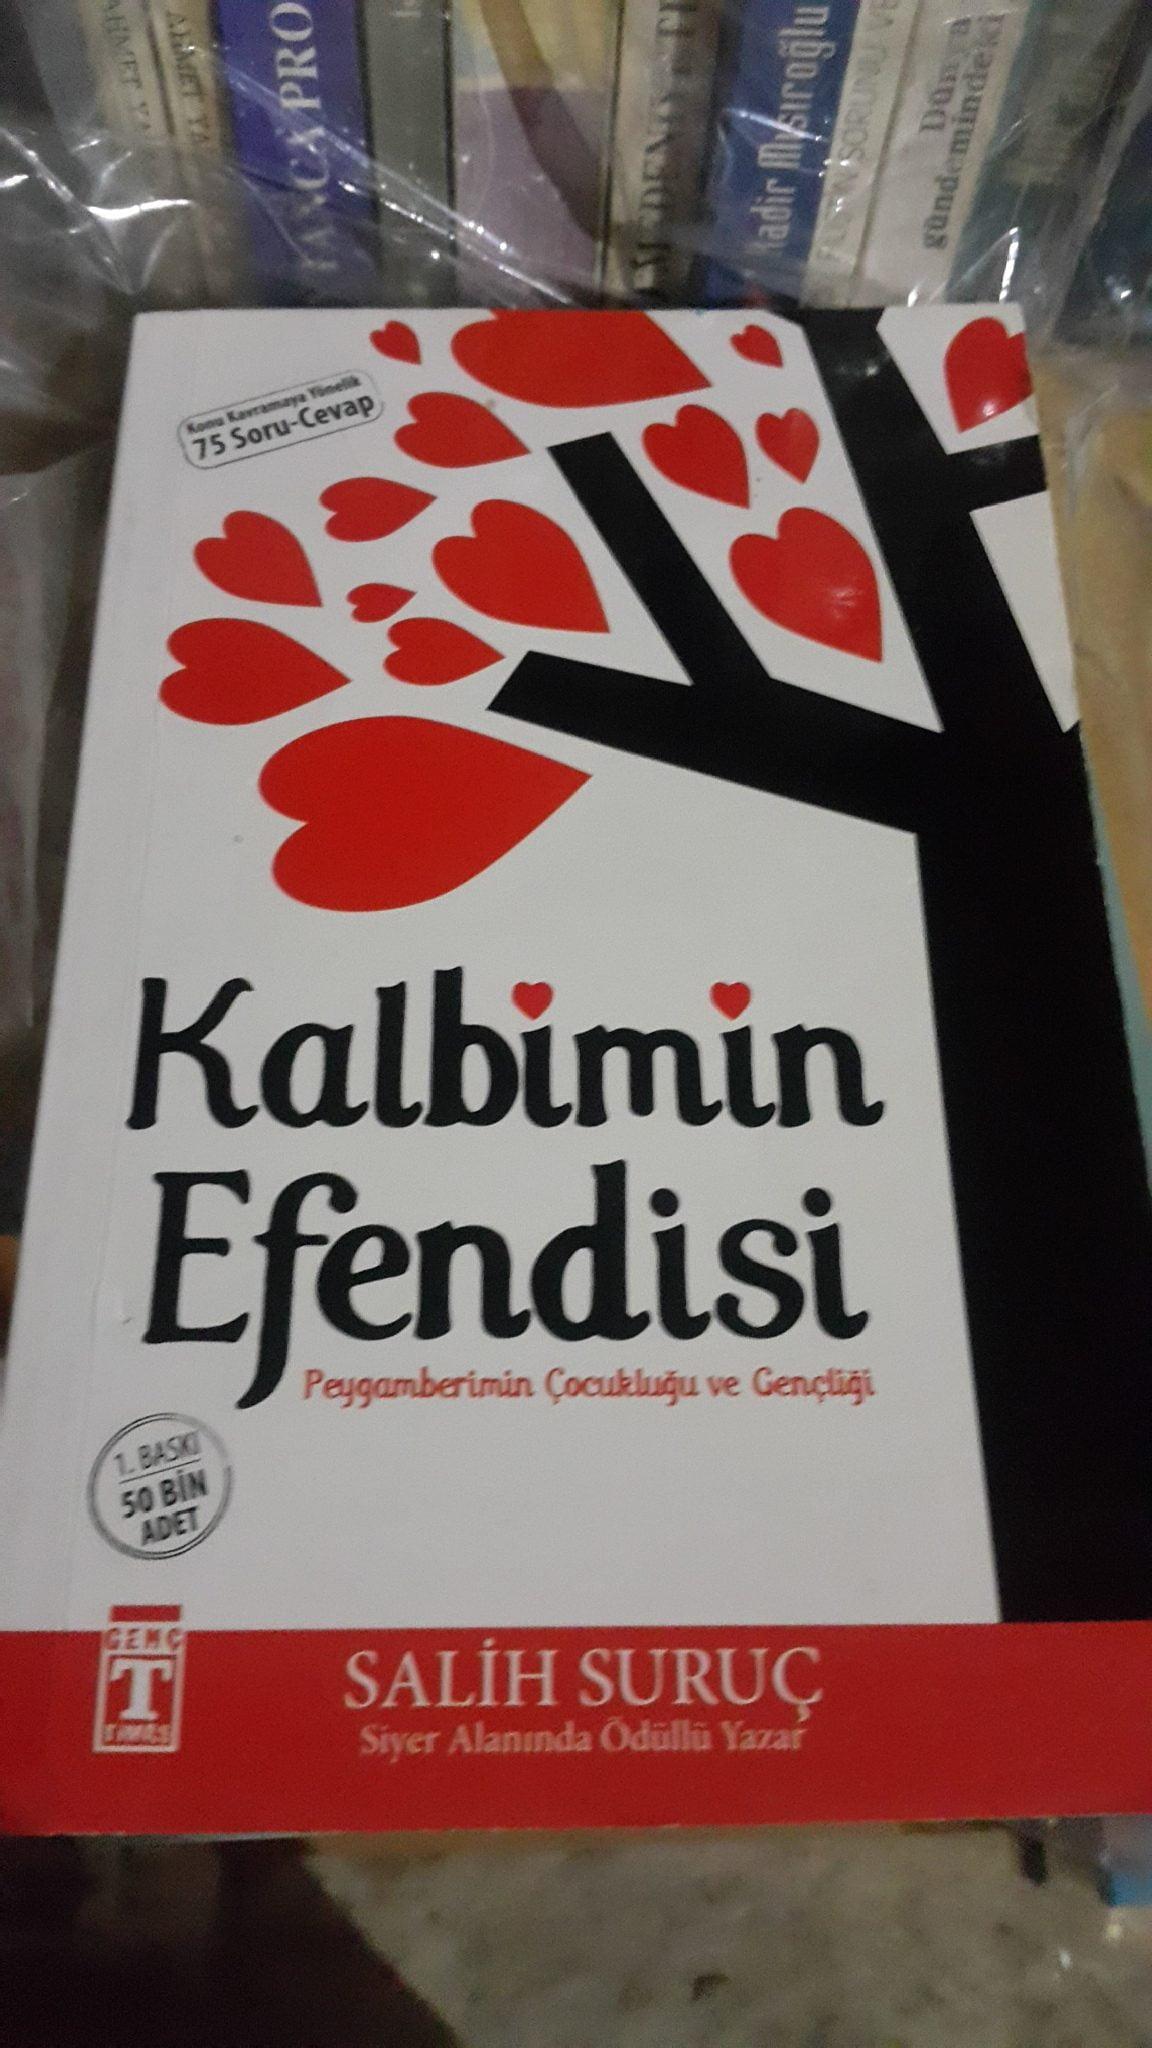 KALBİMİN EFENDİSİ/Salih Suruç